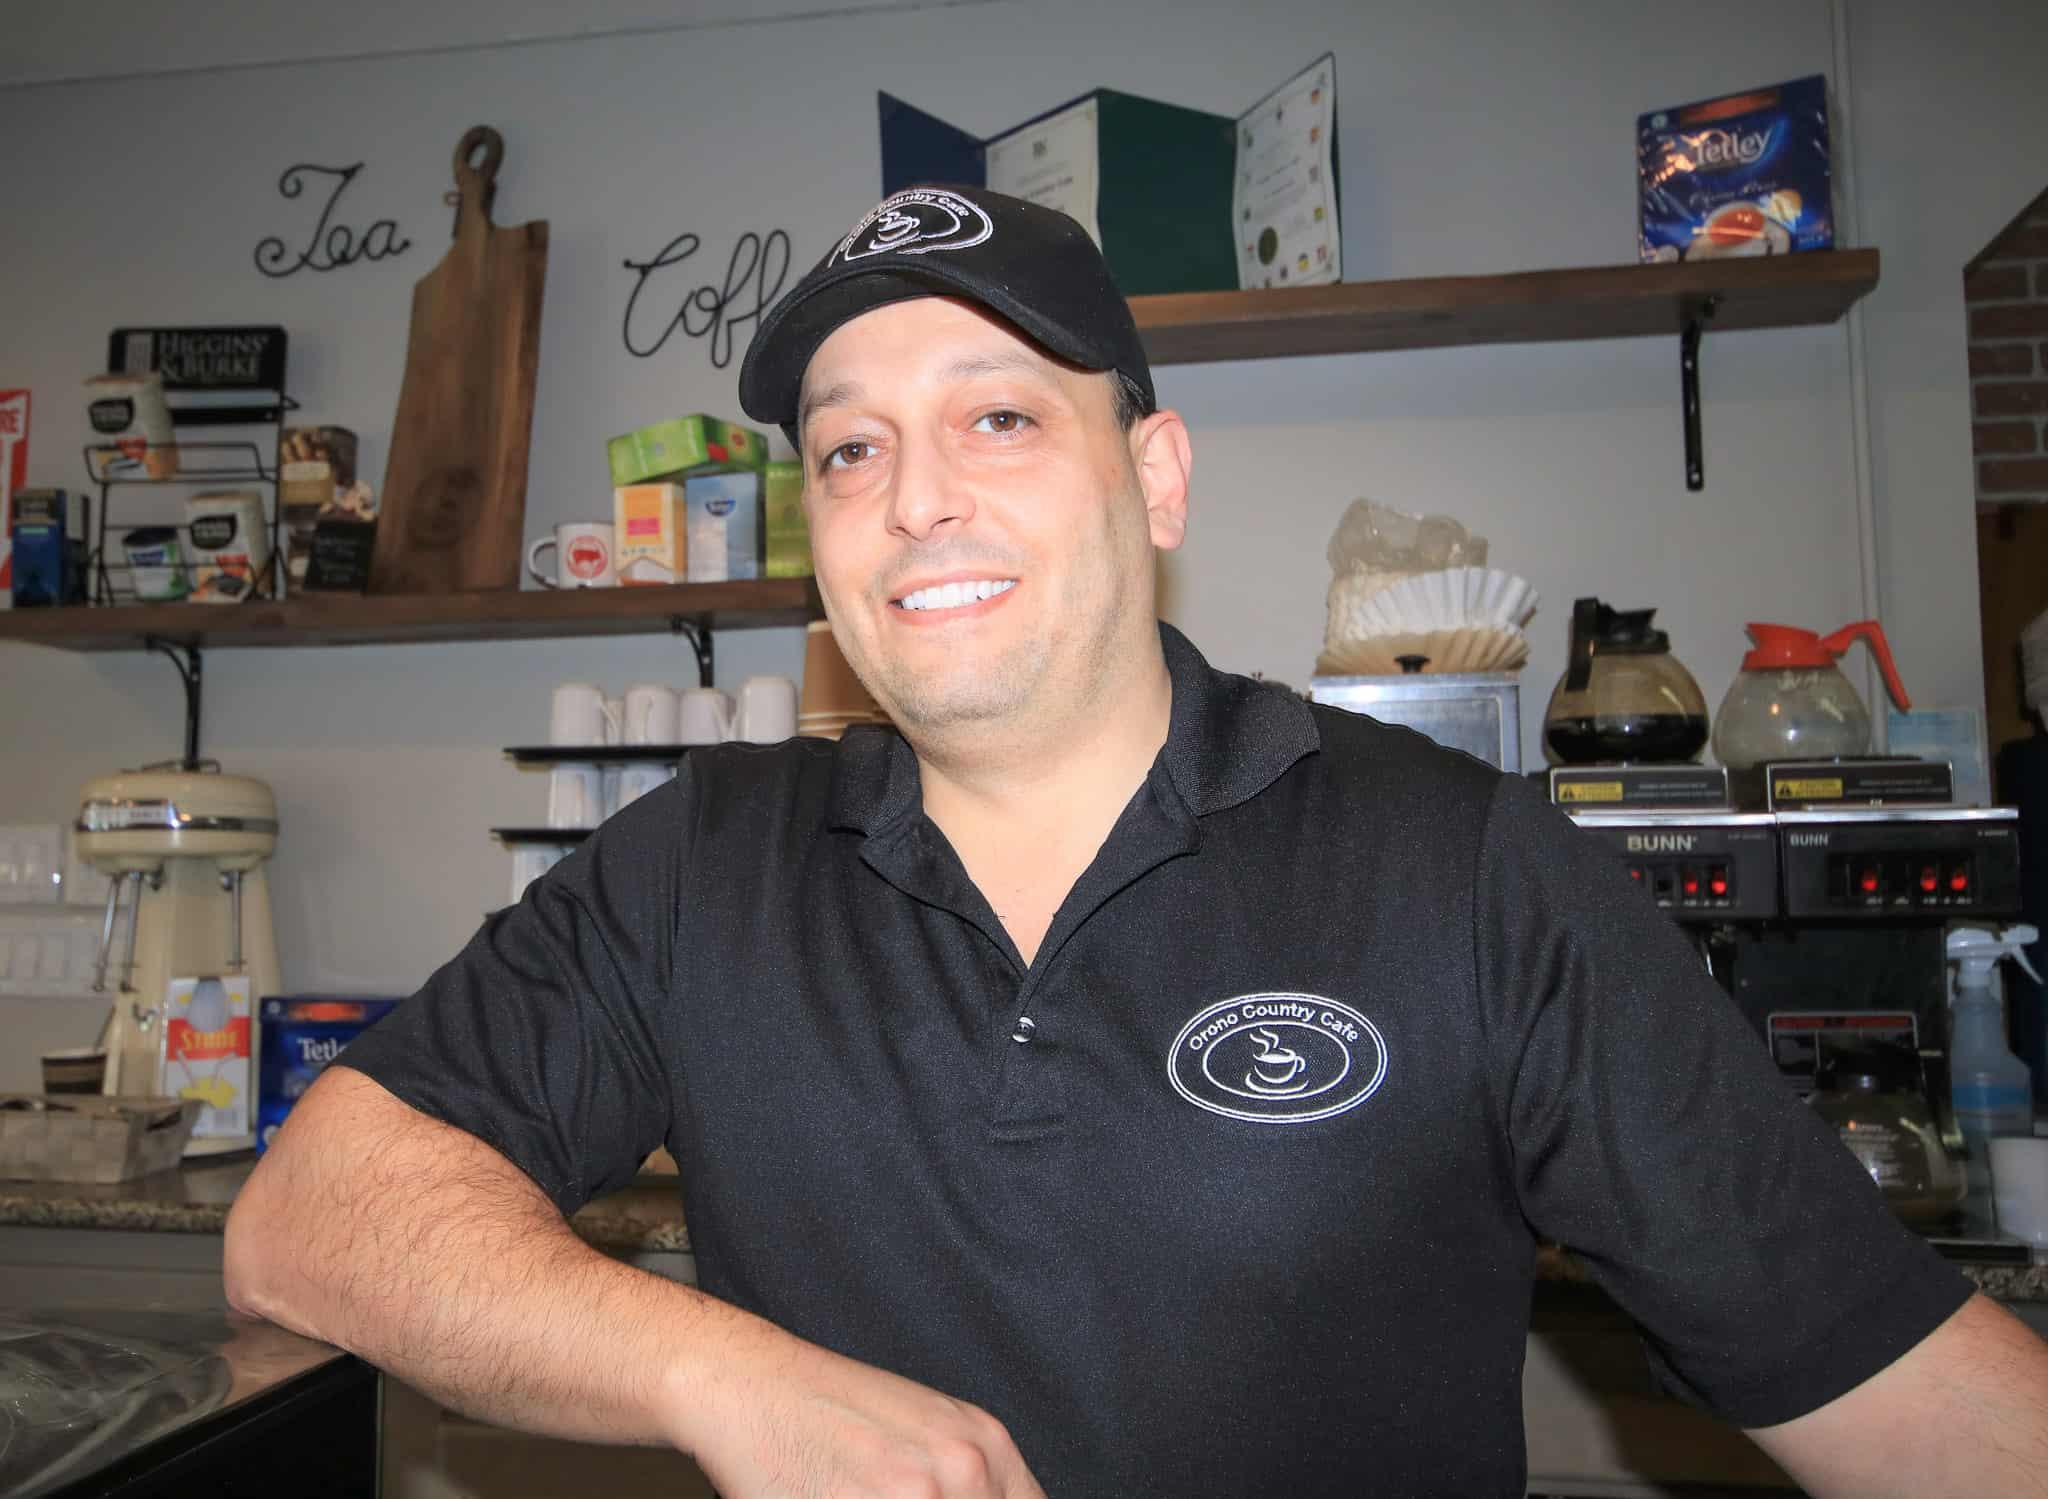 Orono Country Café home of the 'Amin Burger'